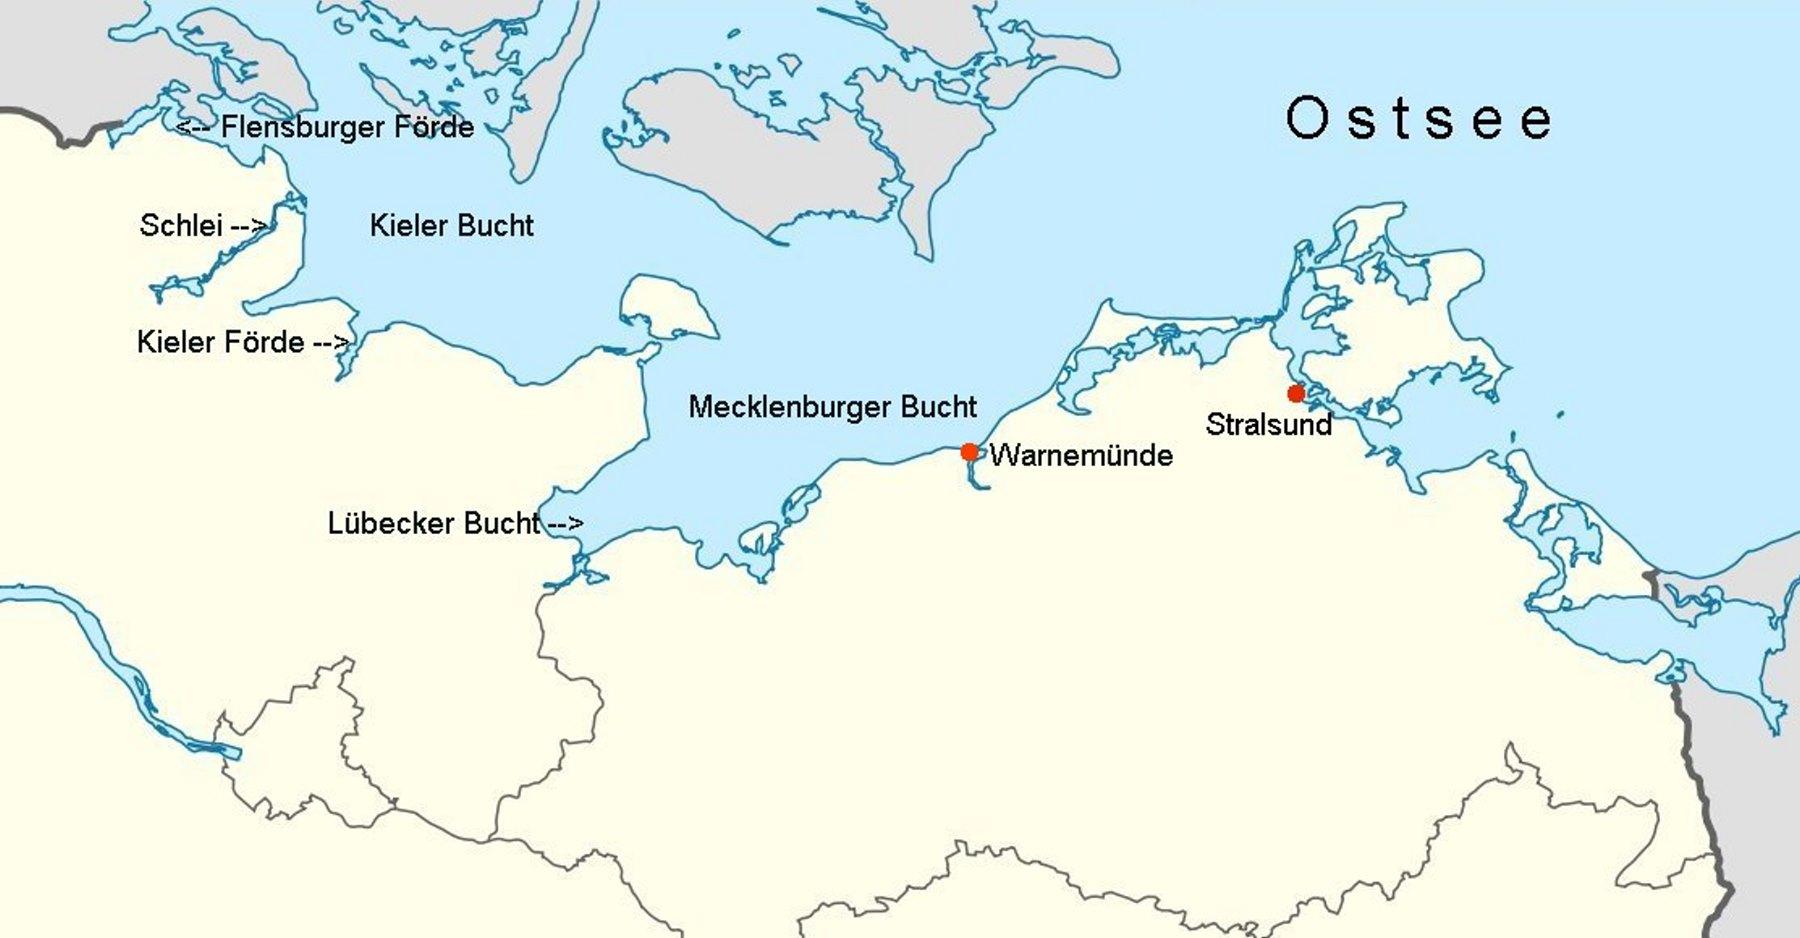 Ostsee Deutschland Karte.Online Hafenhandbuch Deutschland Die Ostsee Ubersicht Und